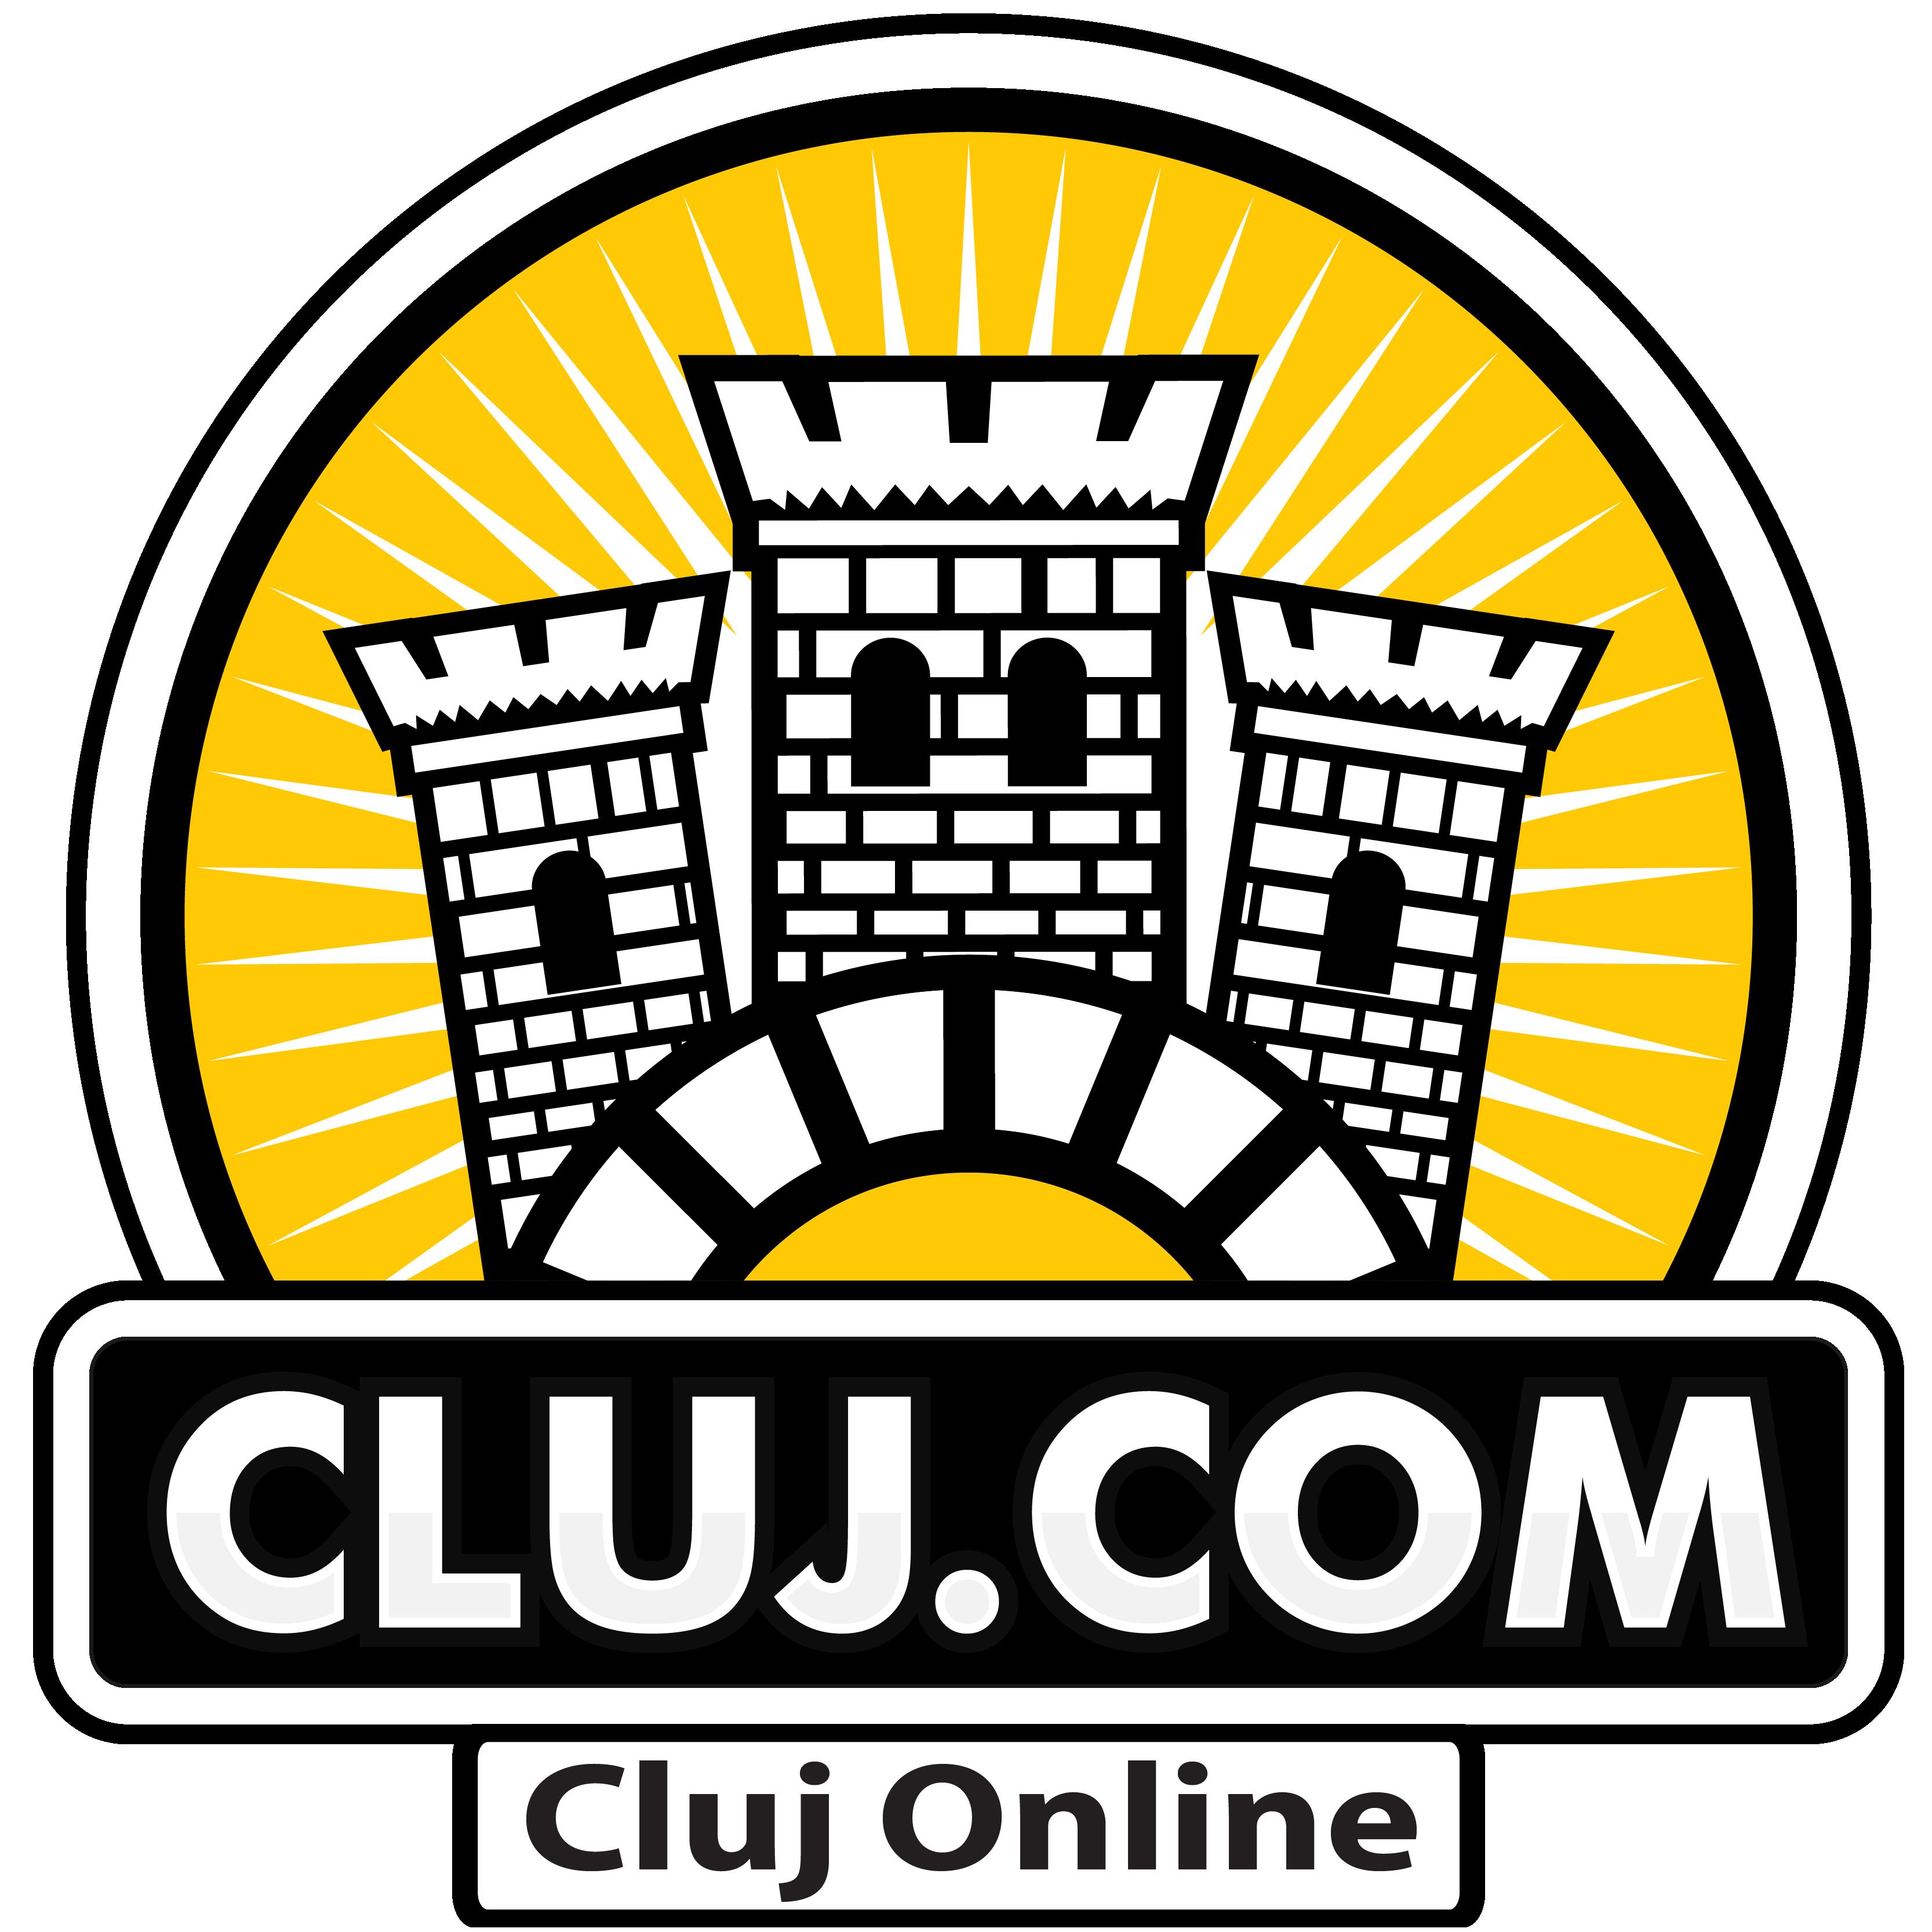 clujCOM cluj online-01